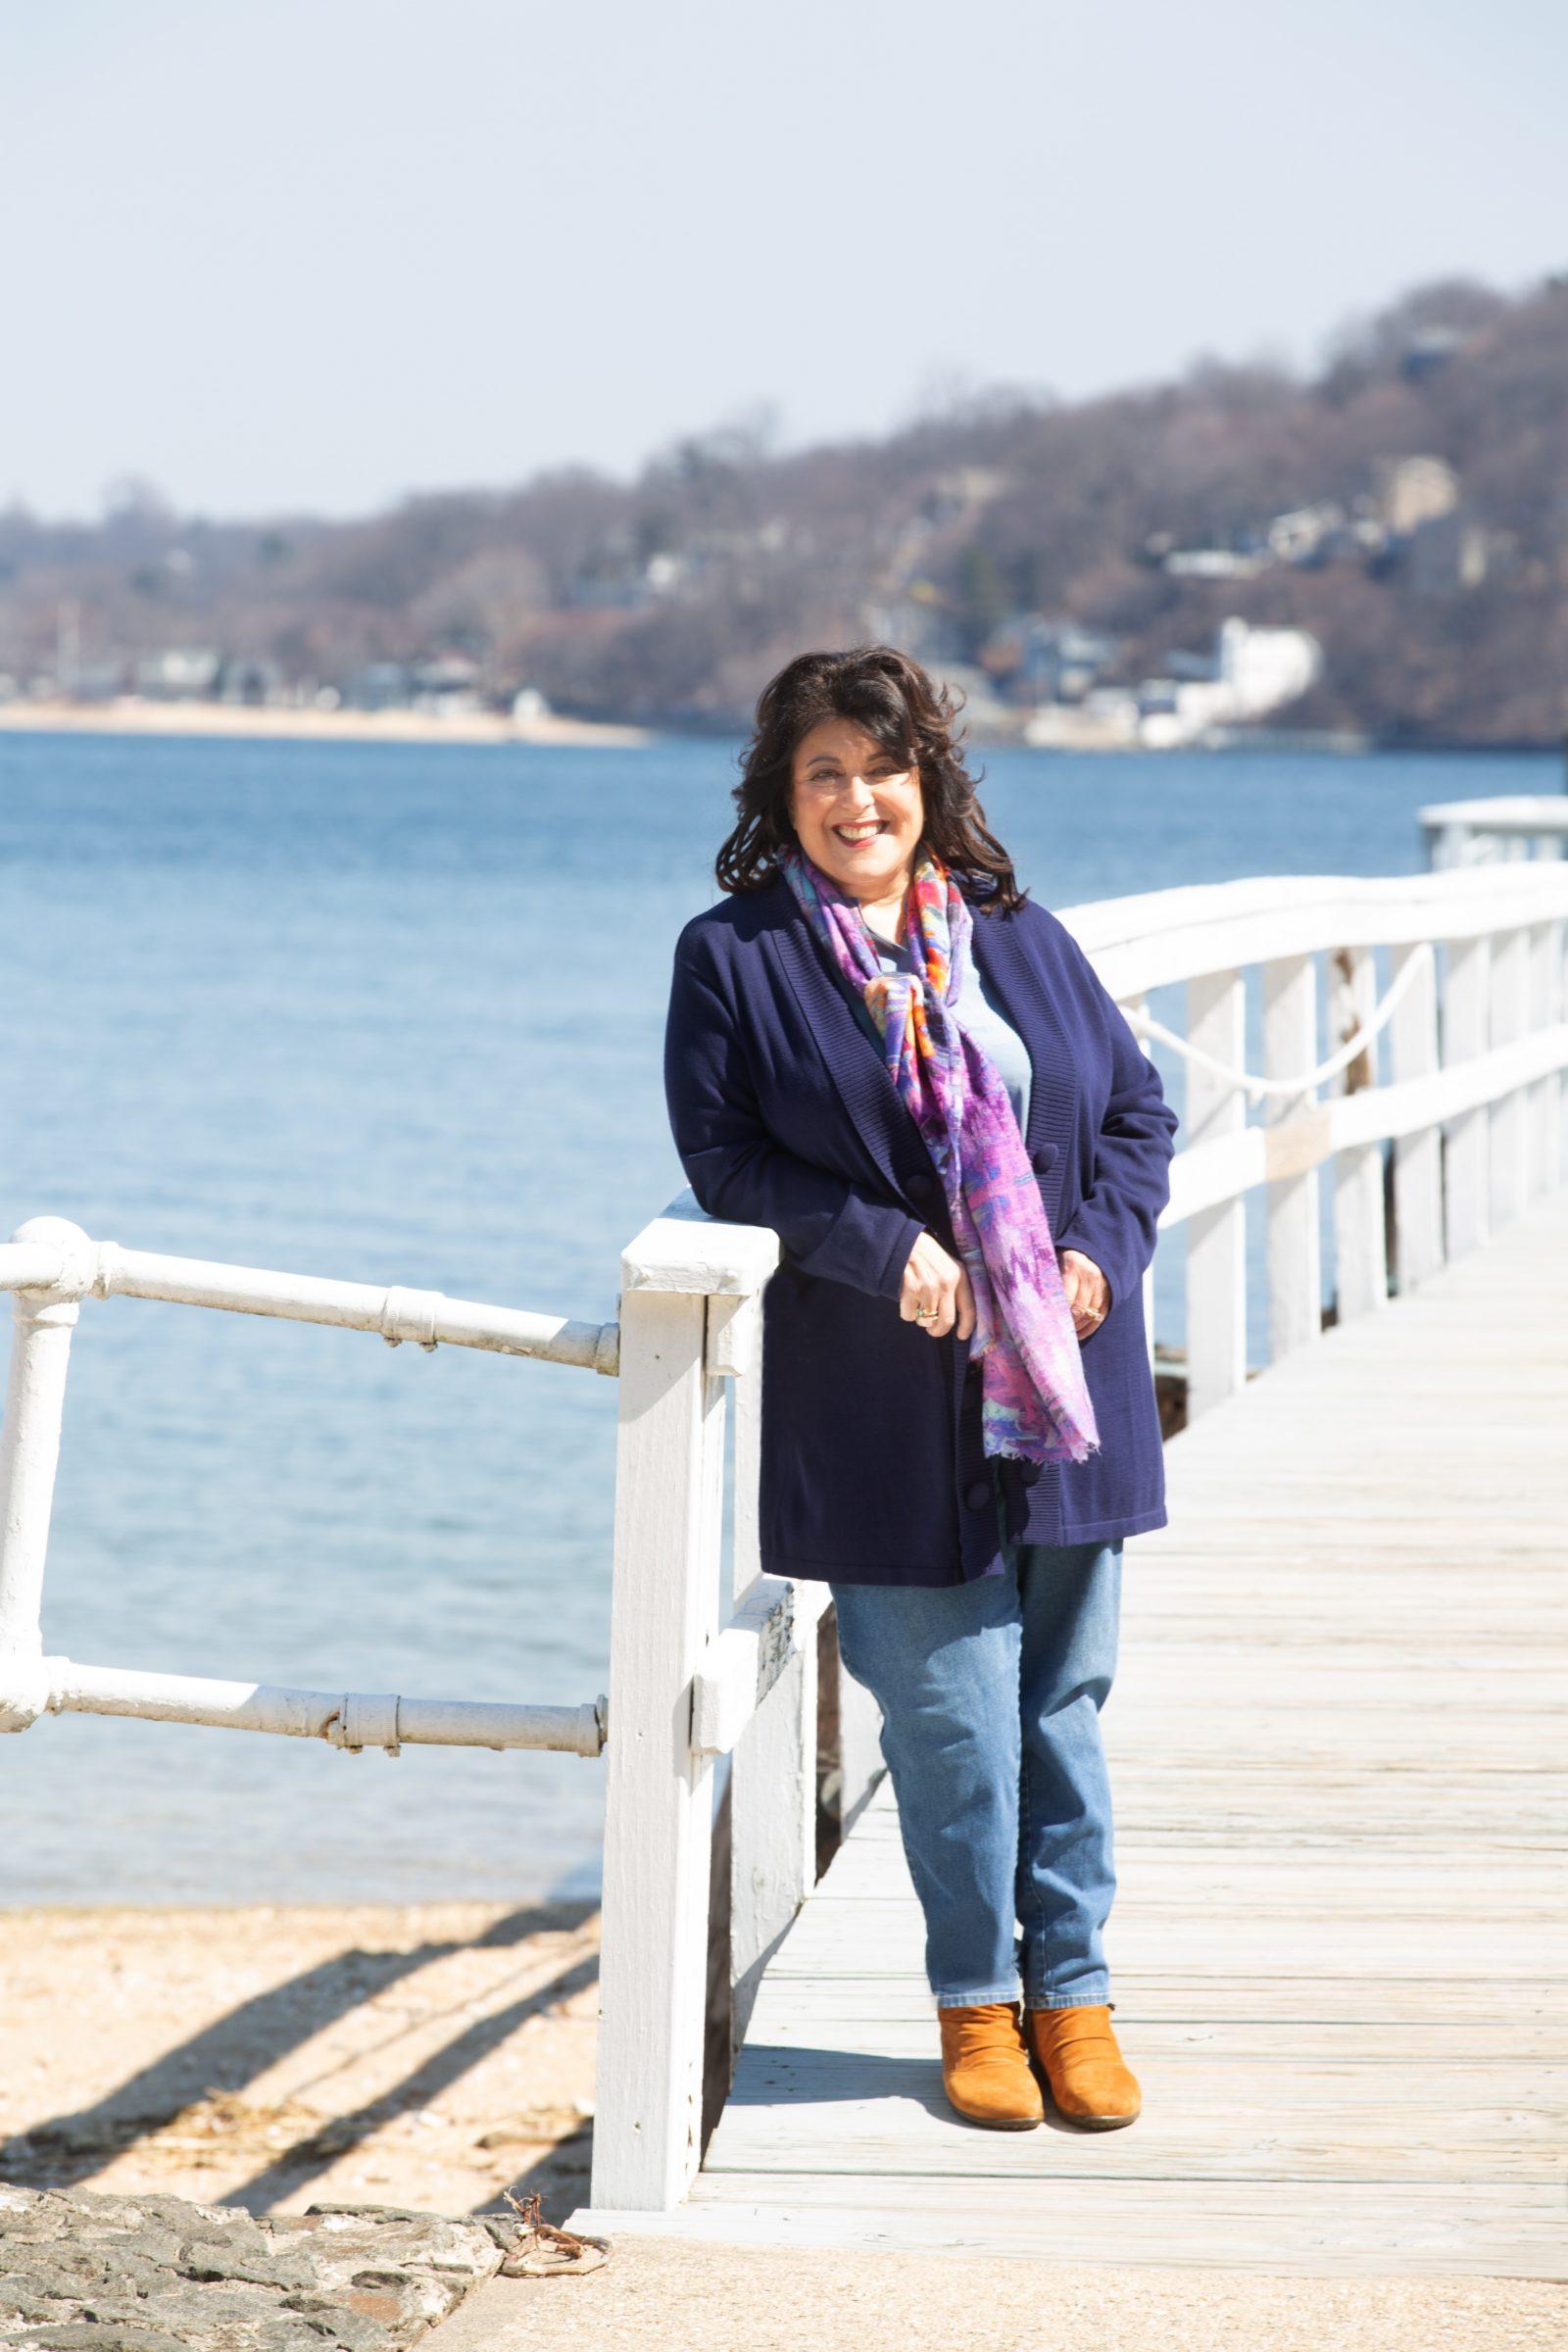 Isaacs, Susan author photo credit Linda Nutter - Carla Cain-Walther